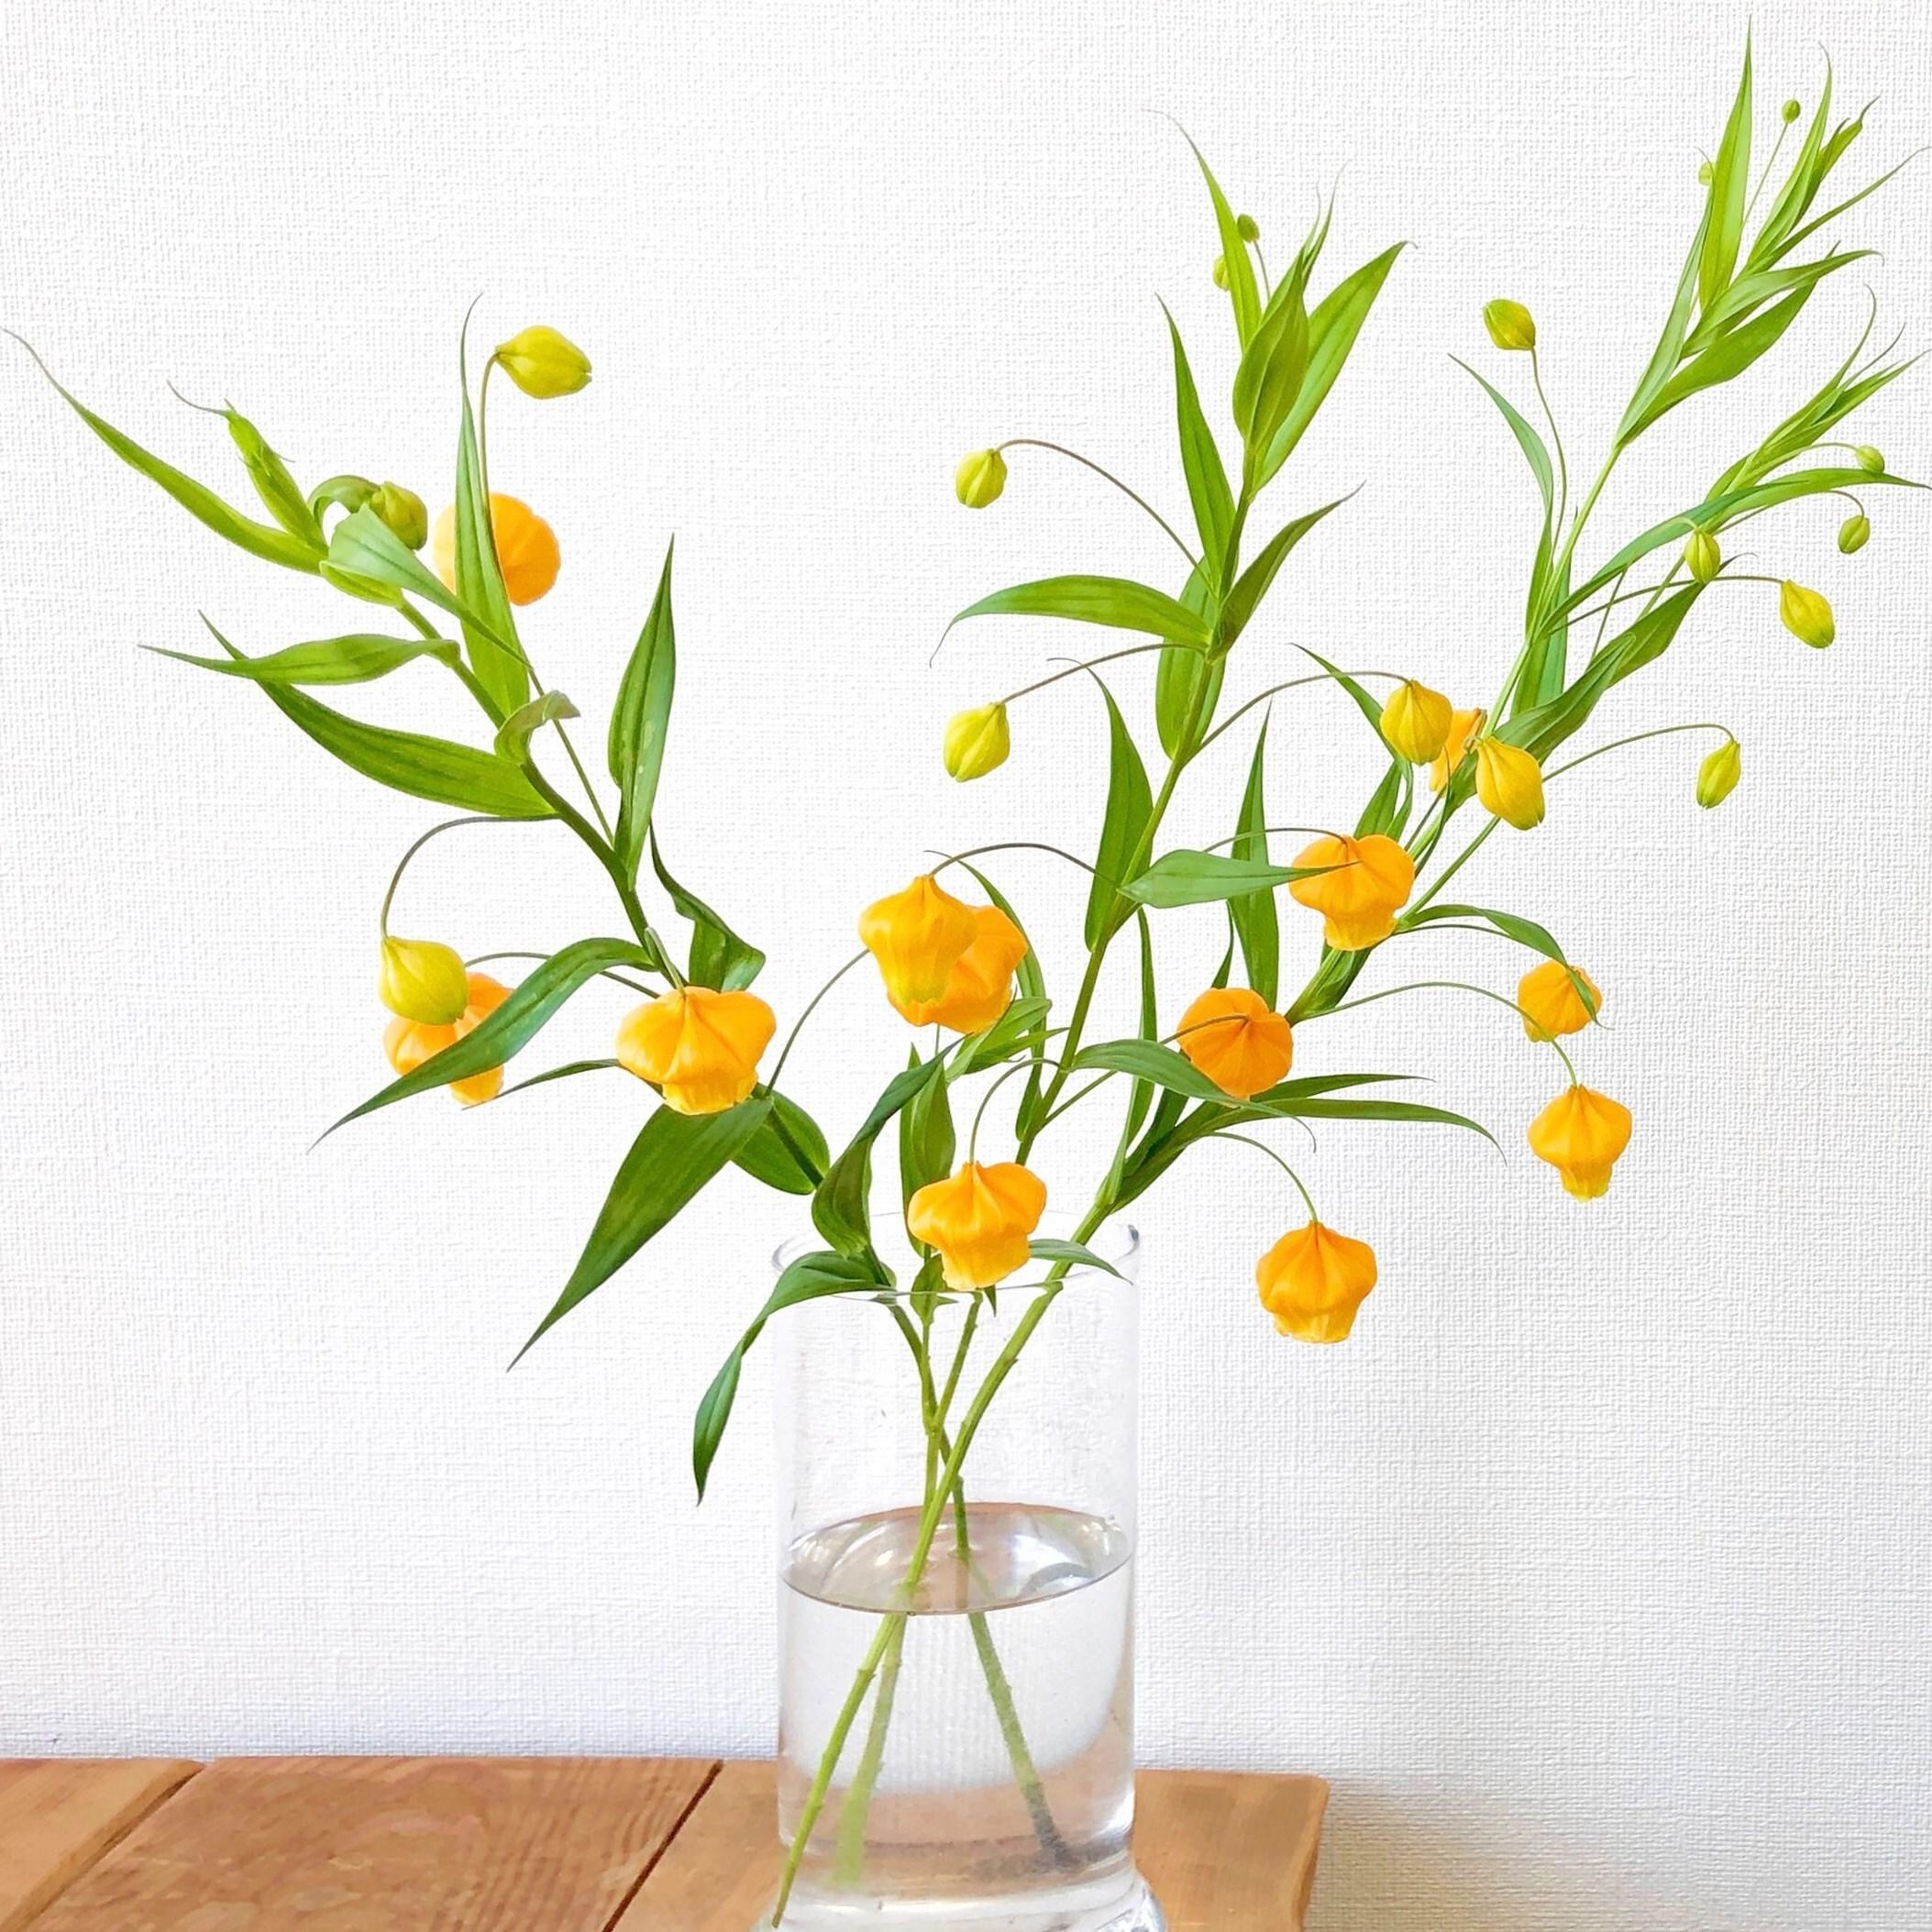 『コロナ支援』北海道産! 道北なよろ農協の『氷点花』サンダーソニア L 10本